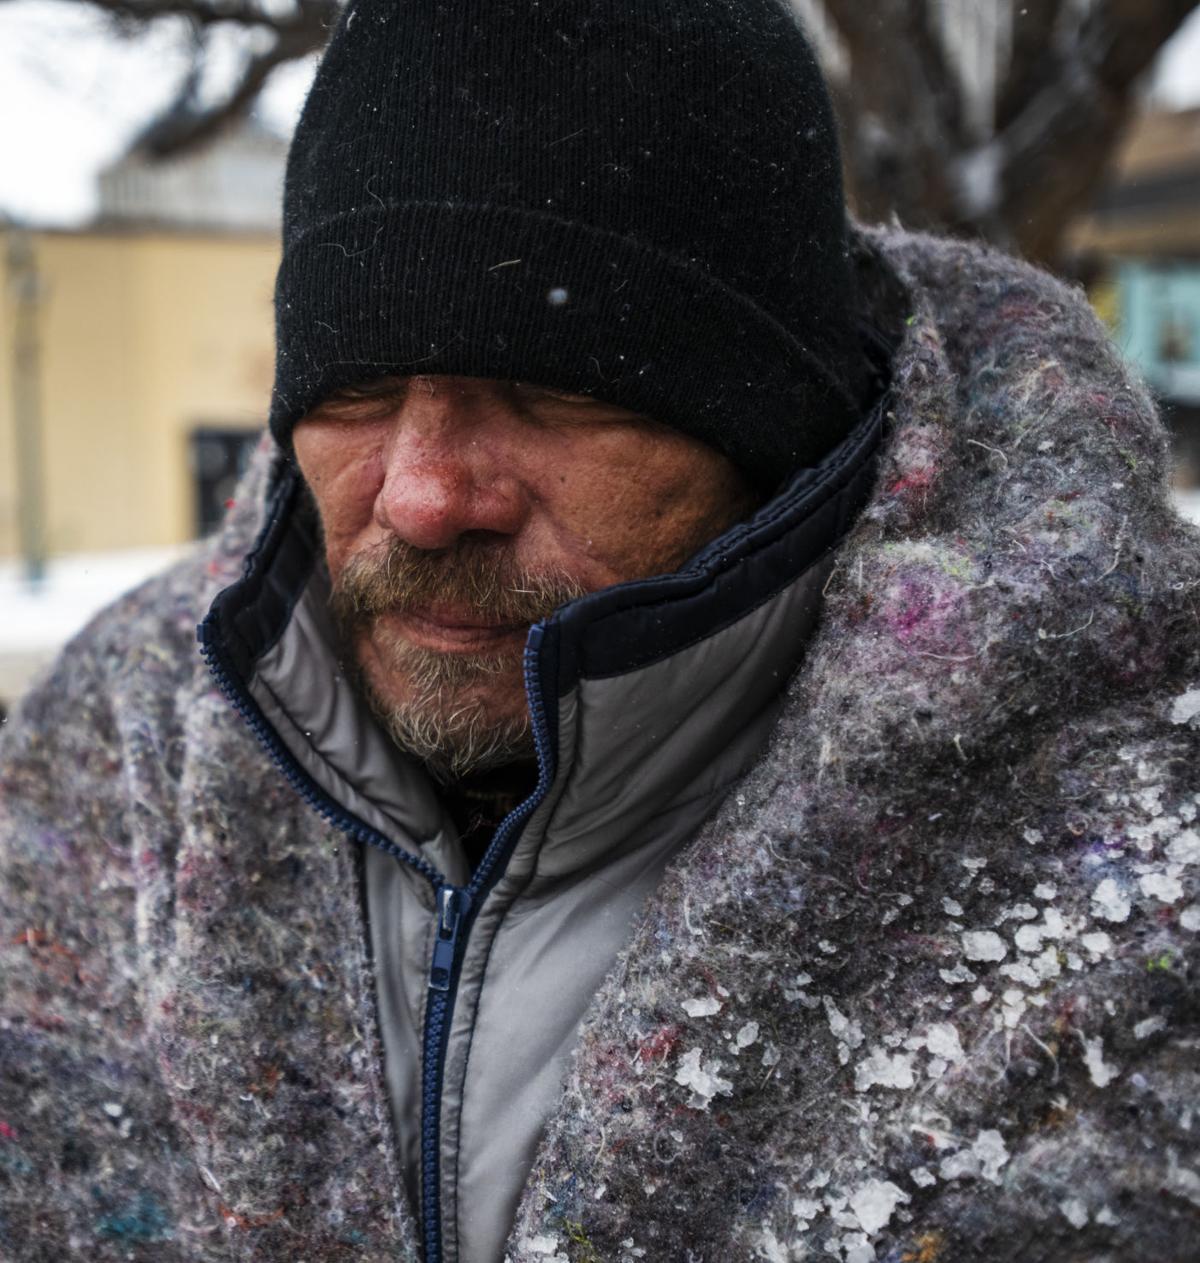 031419-news-homelessrefuge 2.jpg